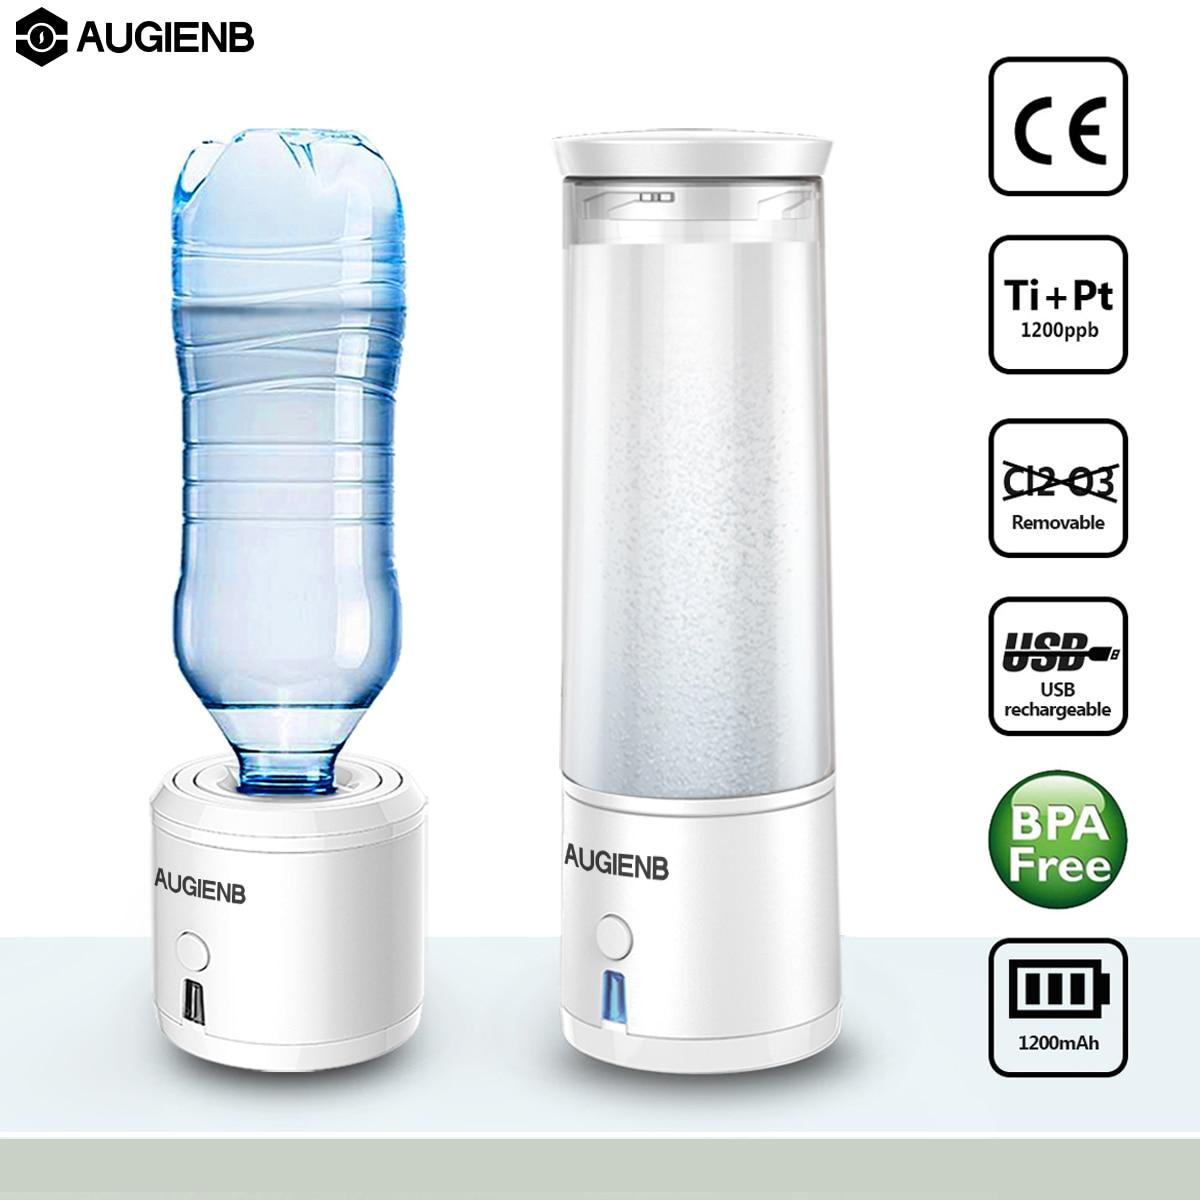 AUGIENB SPE/PEM Membrane H2 Riche D'hydrogène bouteille d'eau Électrolyse Ioniseur Générateur USB Rechargeable retrait O3 CL2